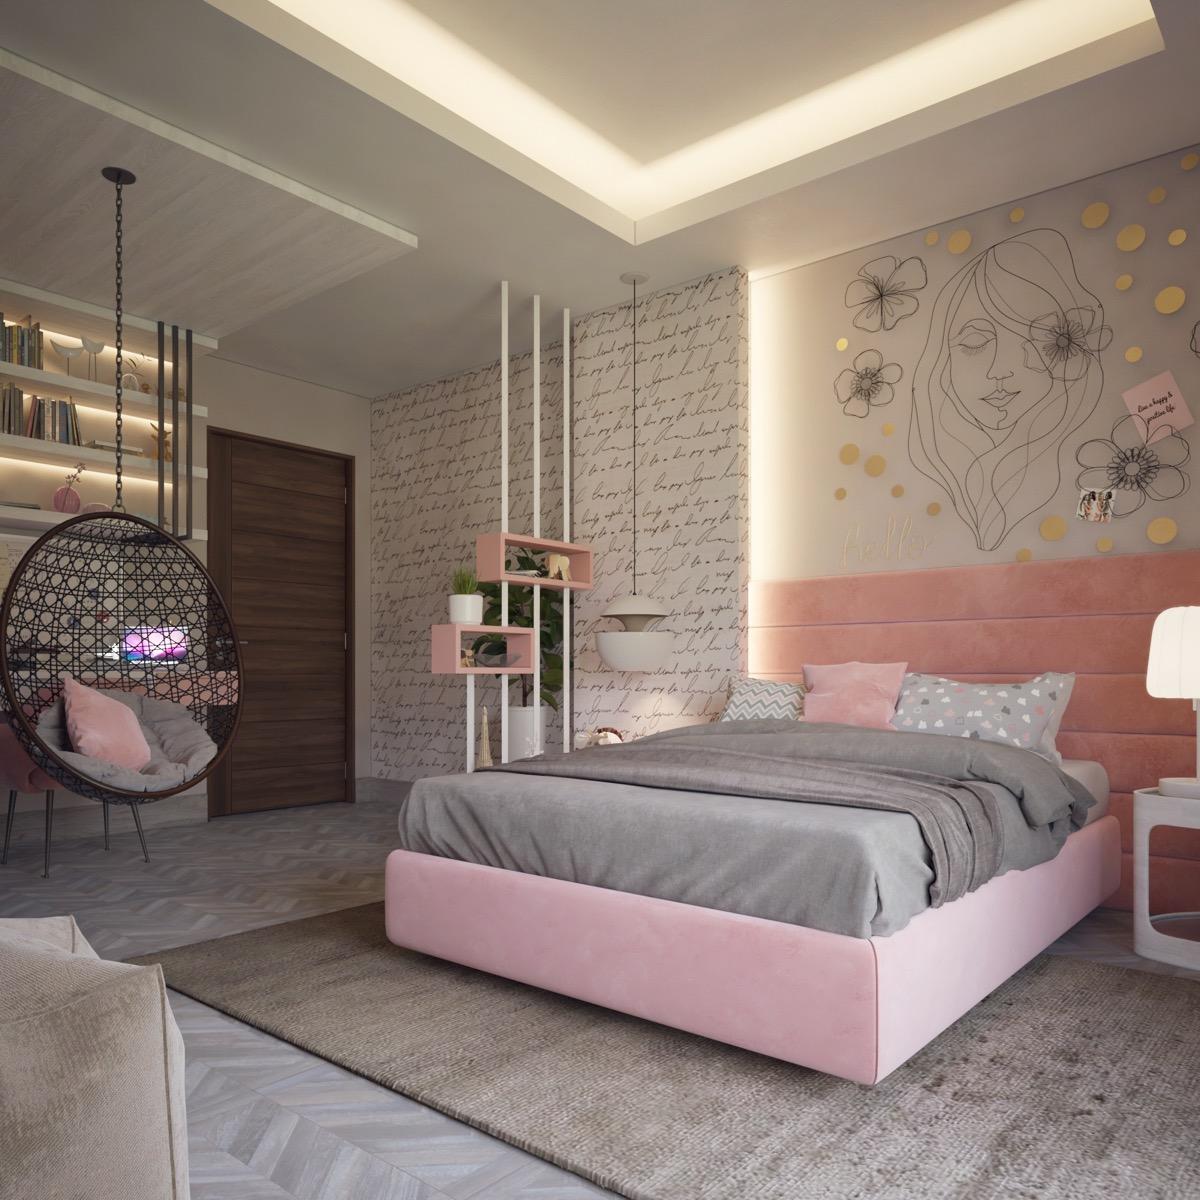 Bật mí những cách trang trí phòng ngủ 'cực chill' mà bạn nên thử - Ảnh 28.